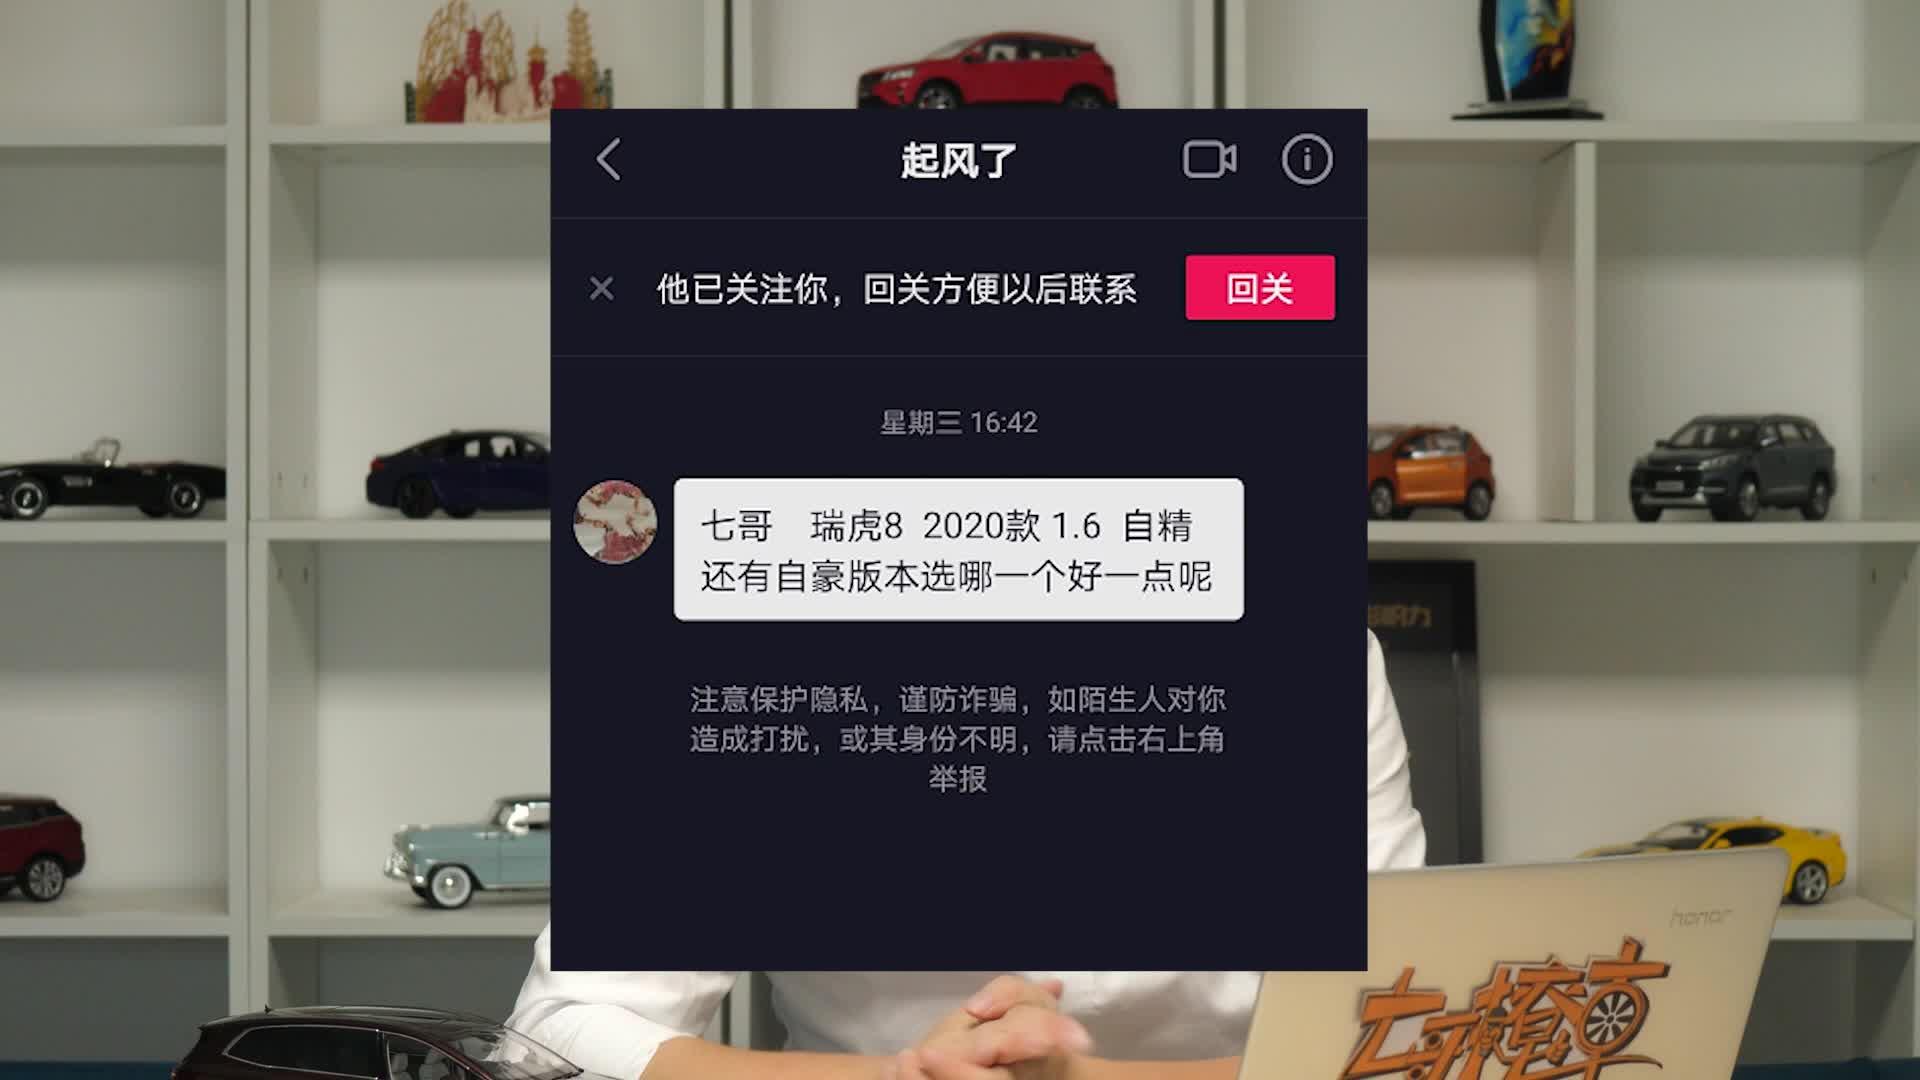 视频:【七哥撩车】新款比亚迪唐DM值得买吗?瑞虎8哪个版本最划算?